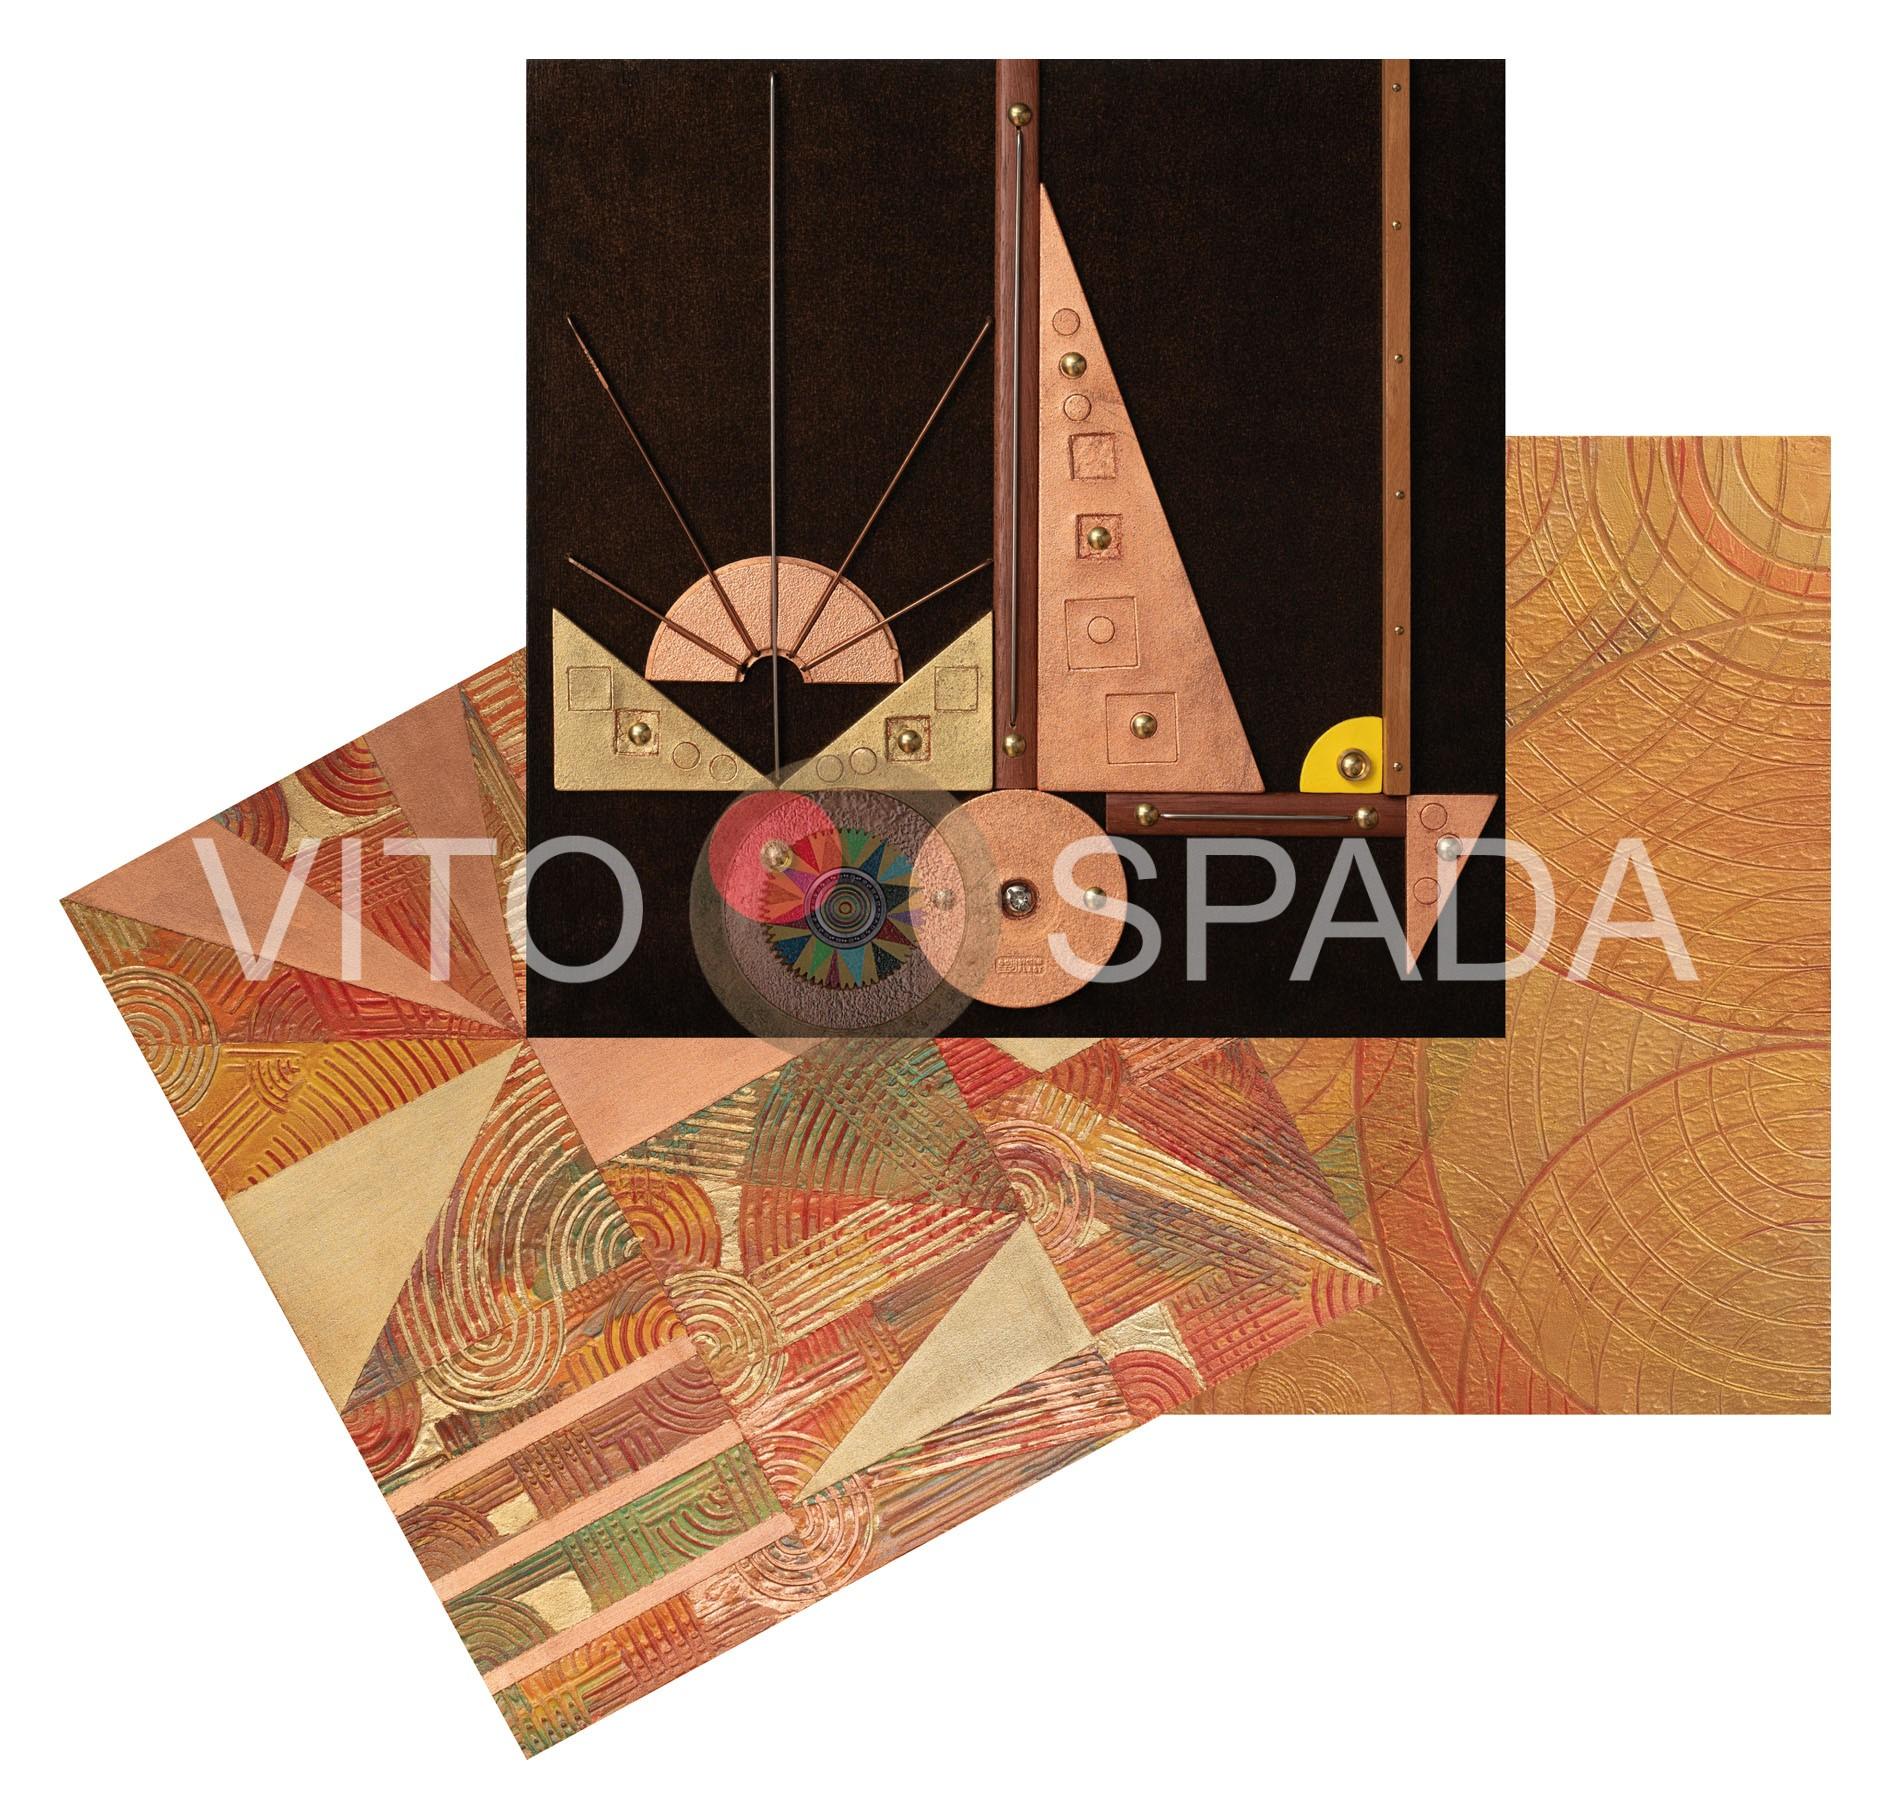 GEOMETRIA VARIABILE - Polimaterico, stucco, acrilico, su 3 pannelli in MDF, 40X40, 2019